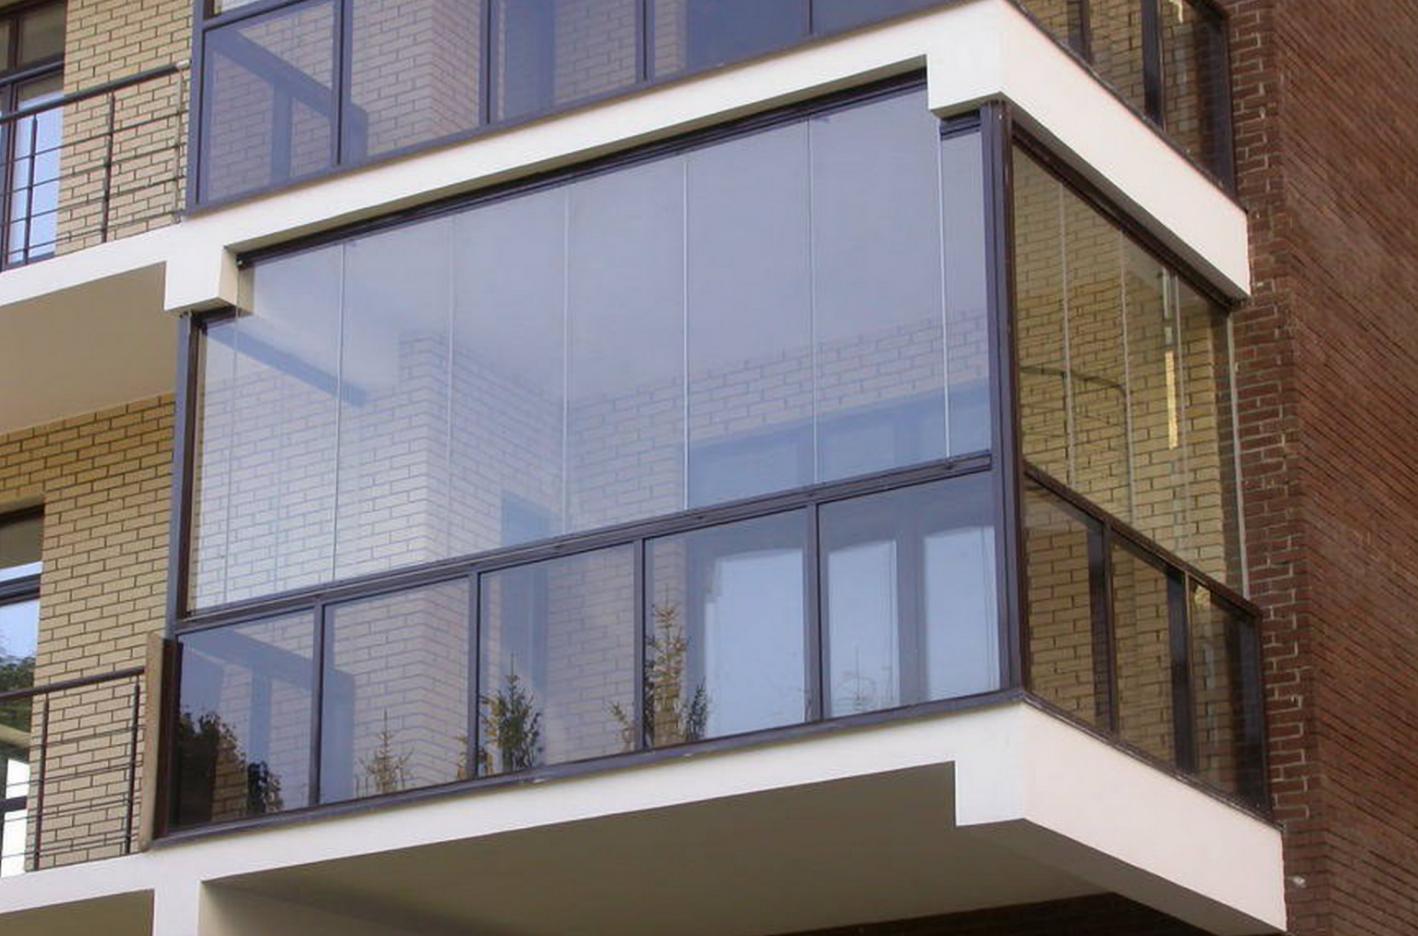 biznes-ideya-ostekleniya-i-utepleniya-balkonov